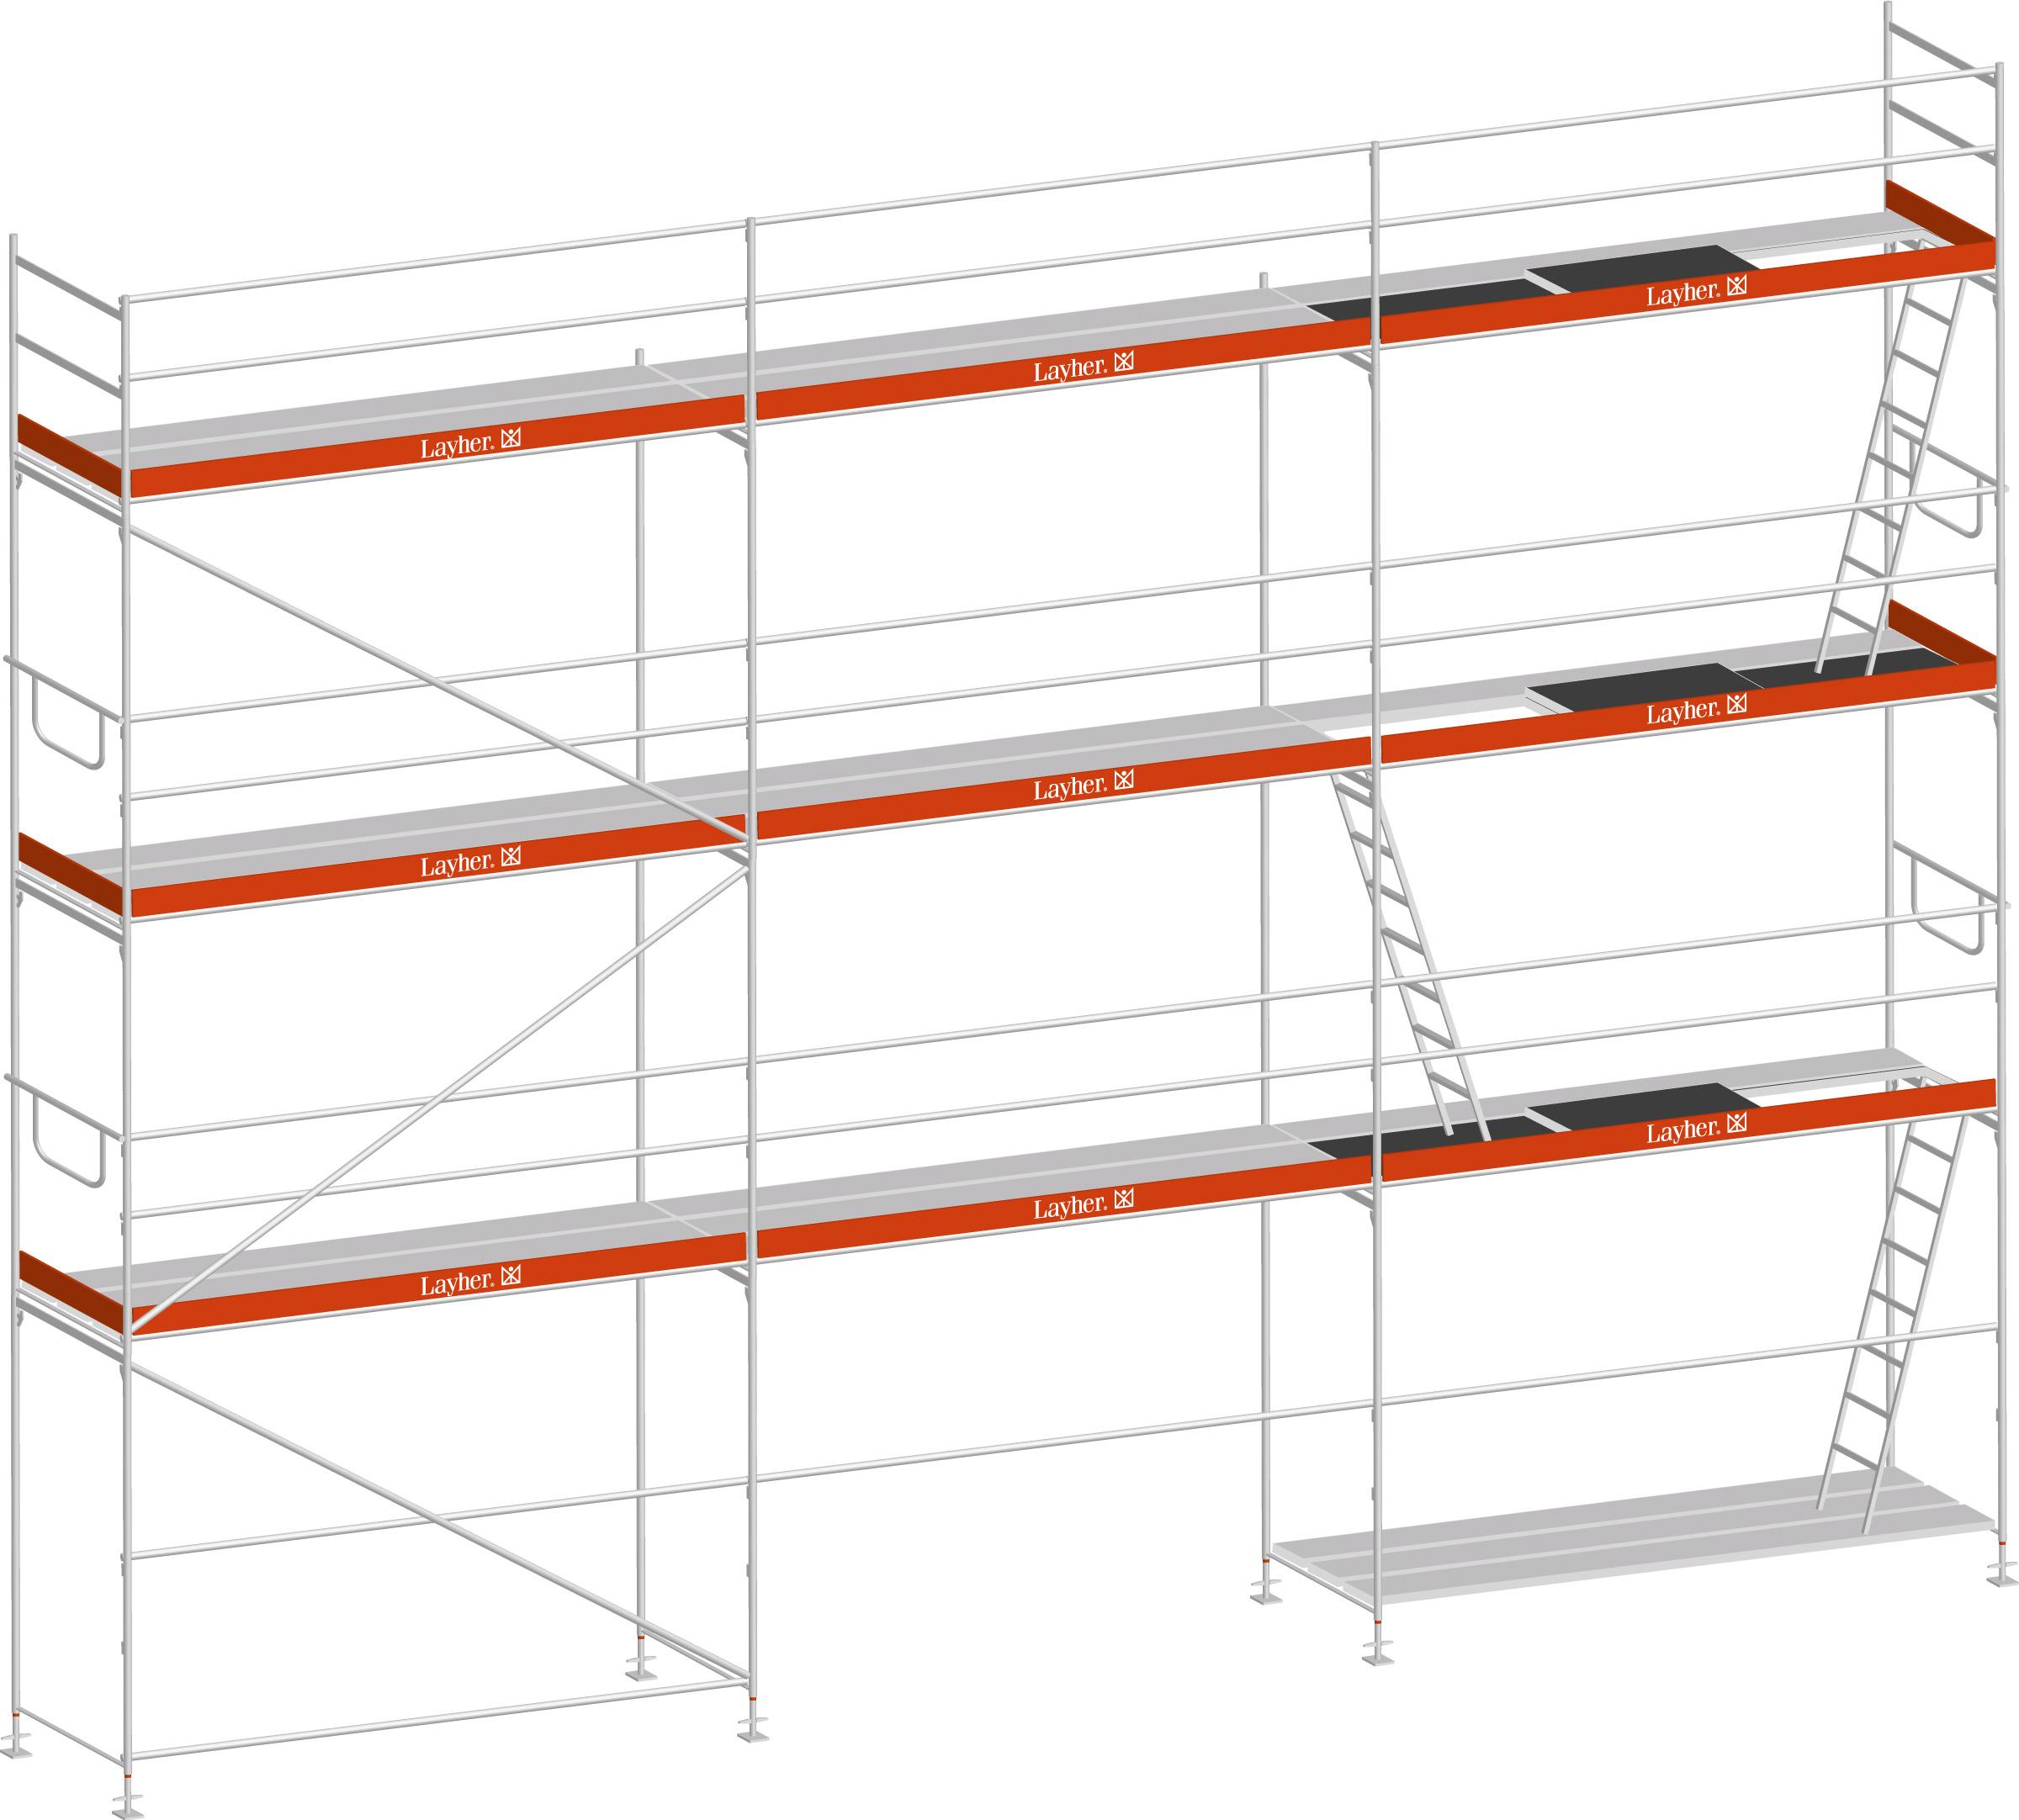 Layher Blitz Gerüst 100 Stahl 63 m²